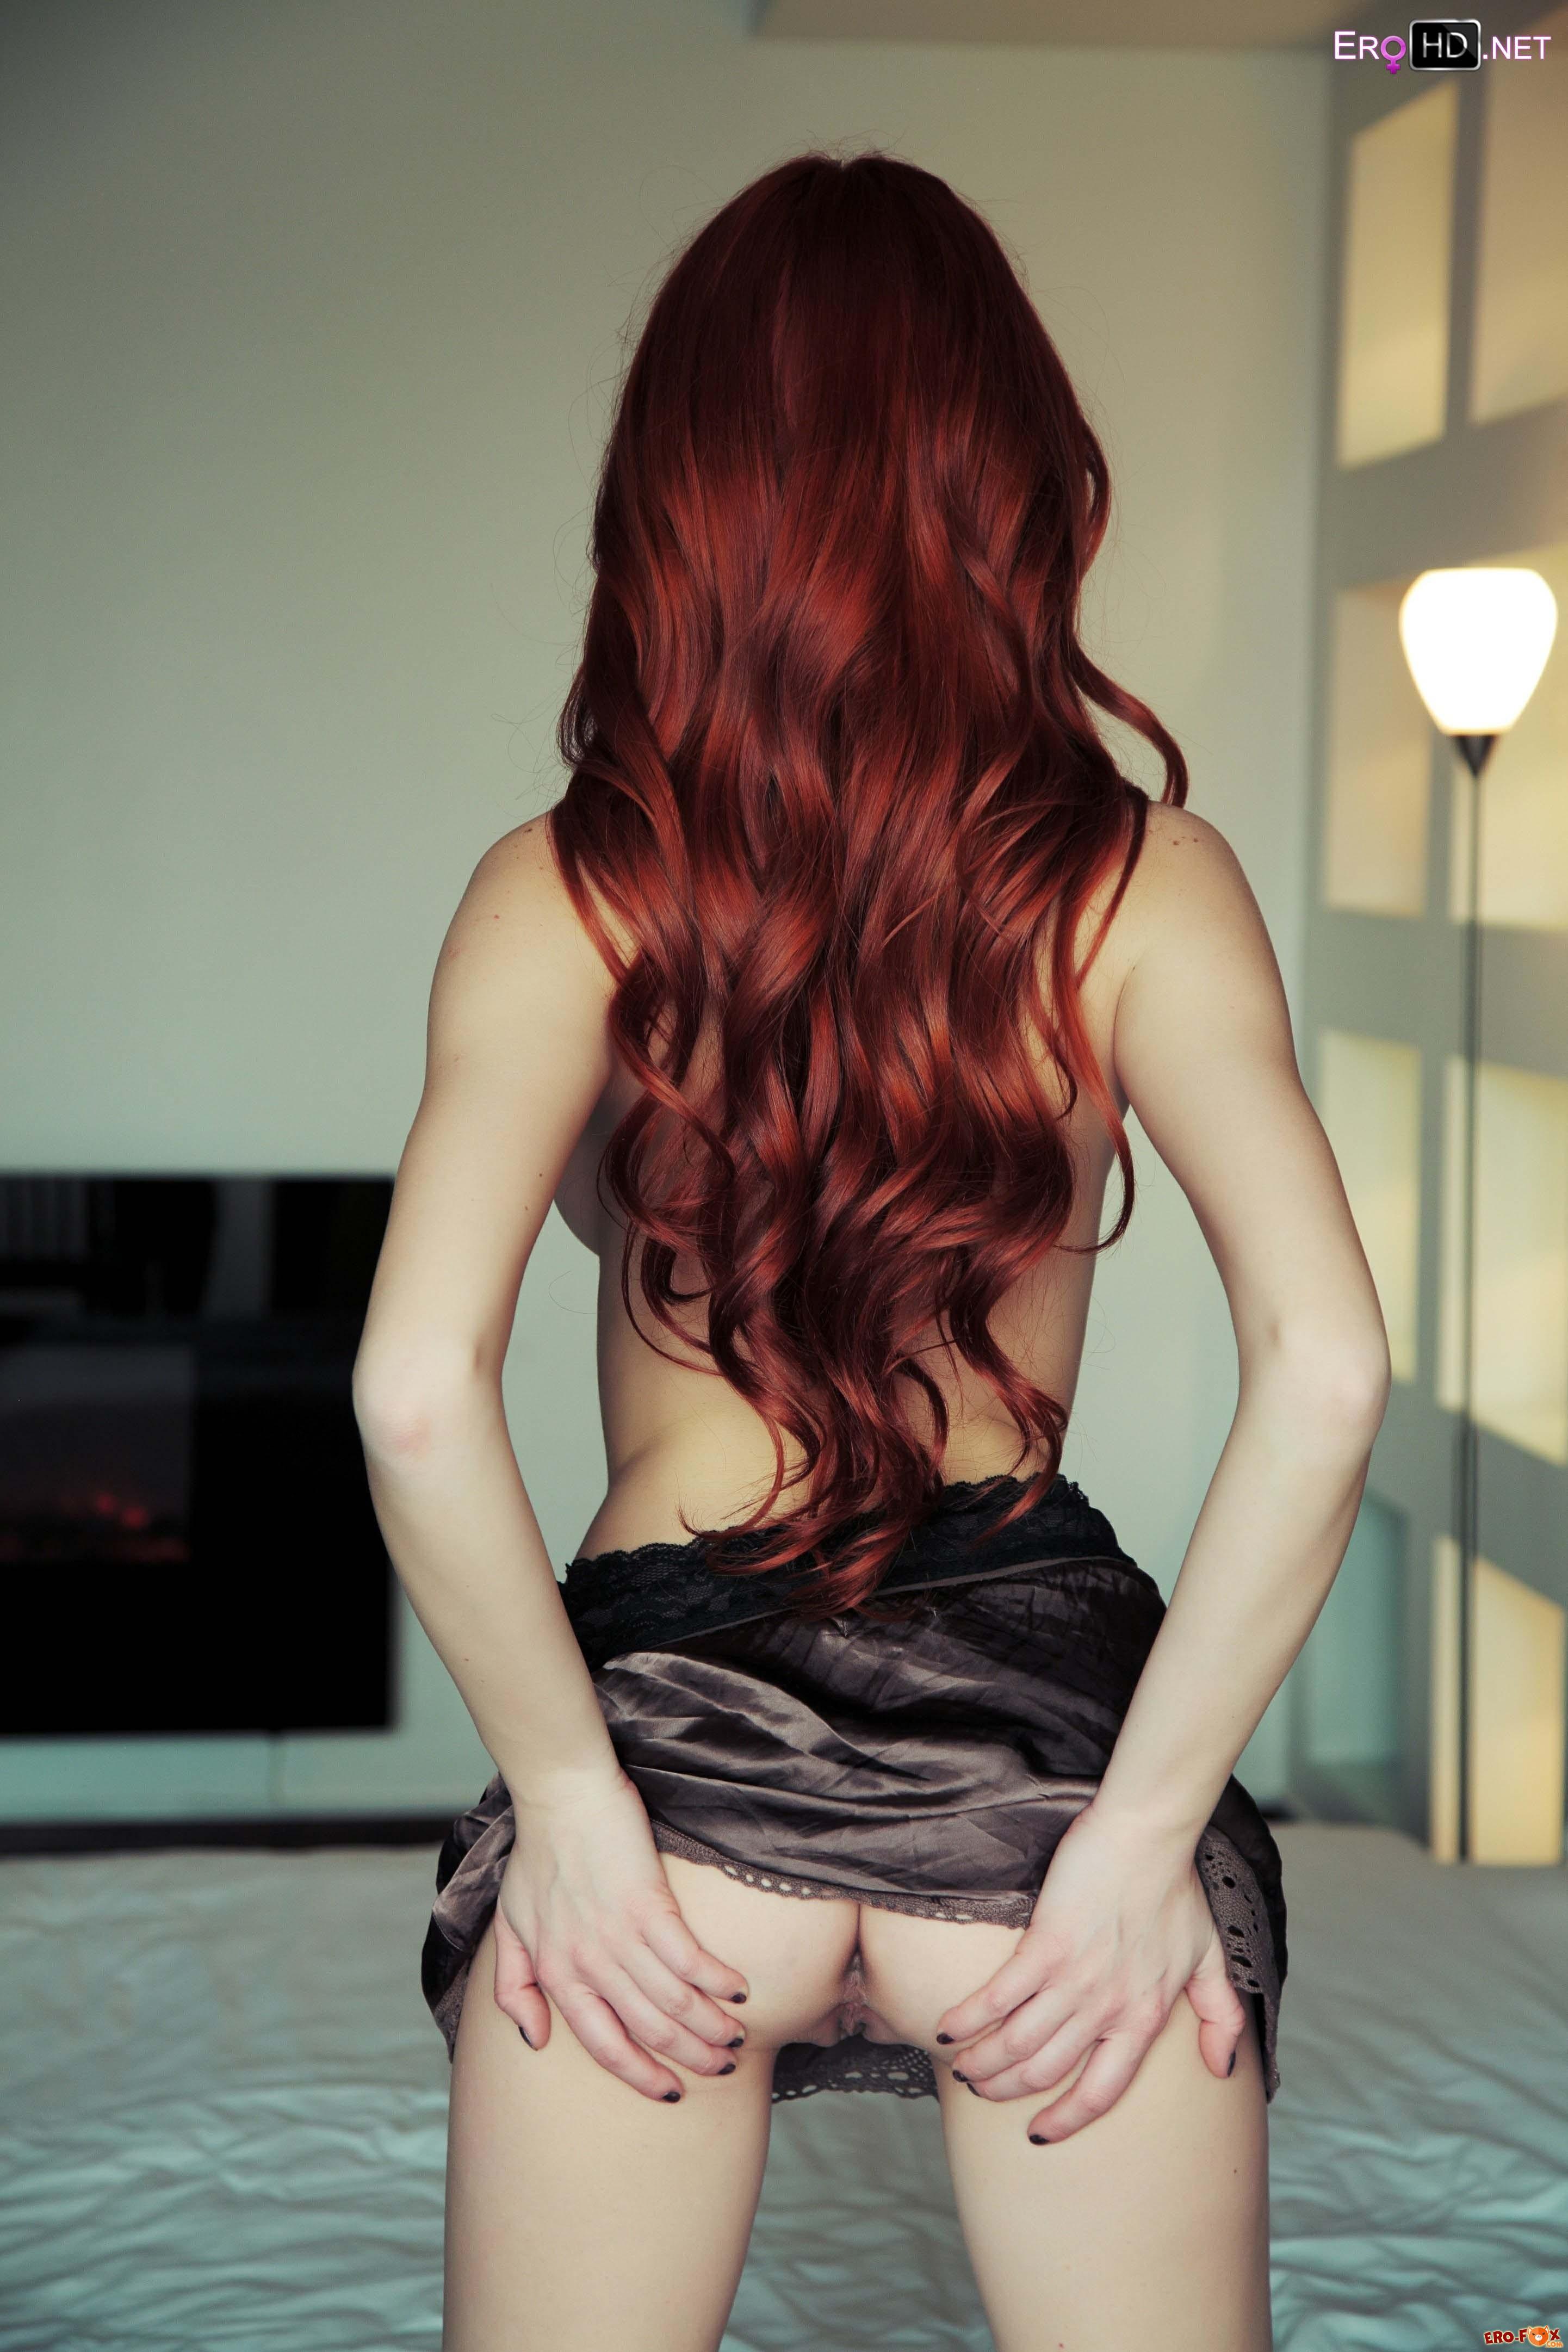 Рыжая телка с длинными ногами показала бритую писю  эротика